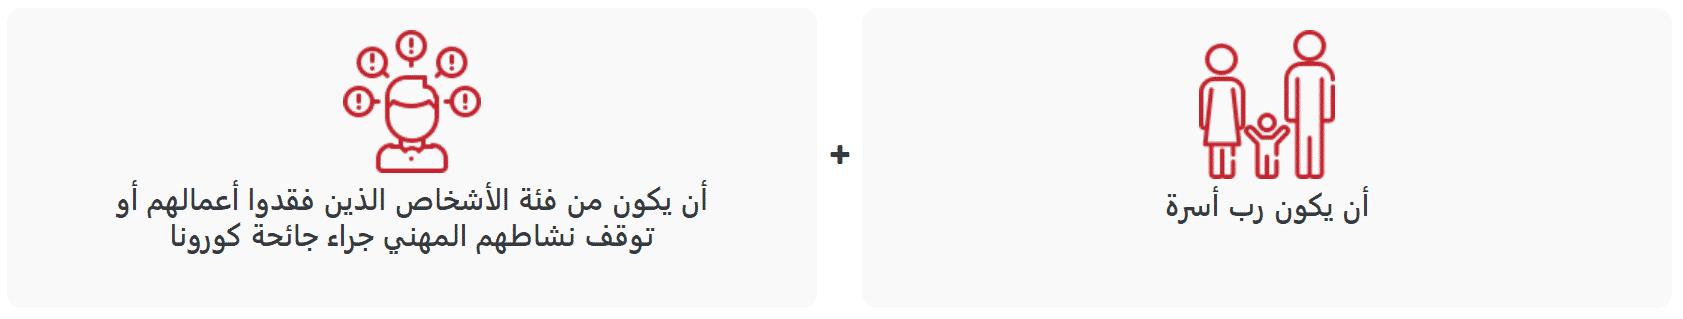 الشروط والطريقة الصحيحة لإرسال رقم بطاقة راميد إلى 1212 و ...